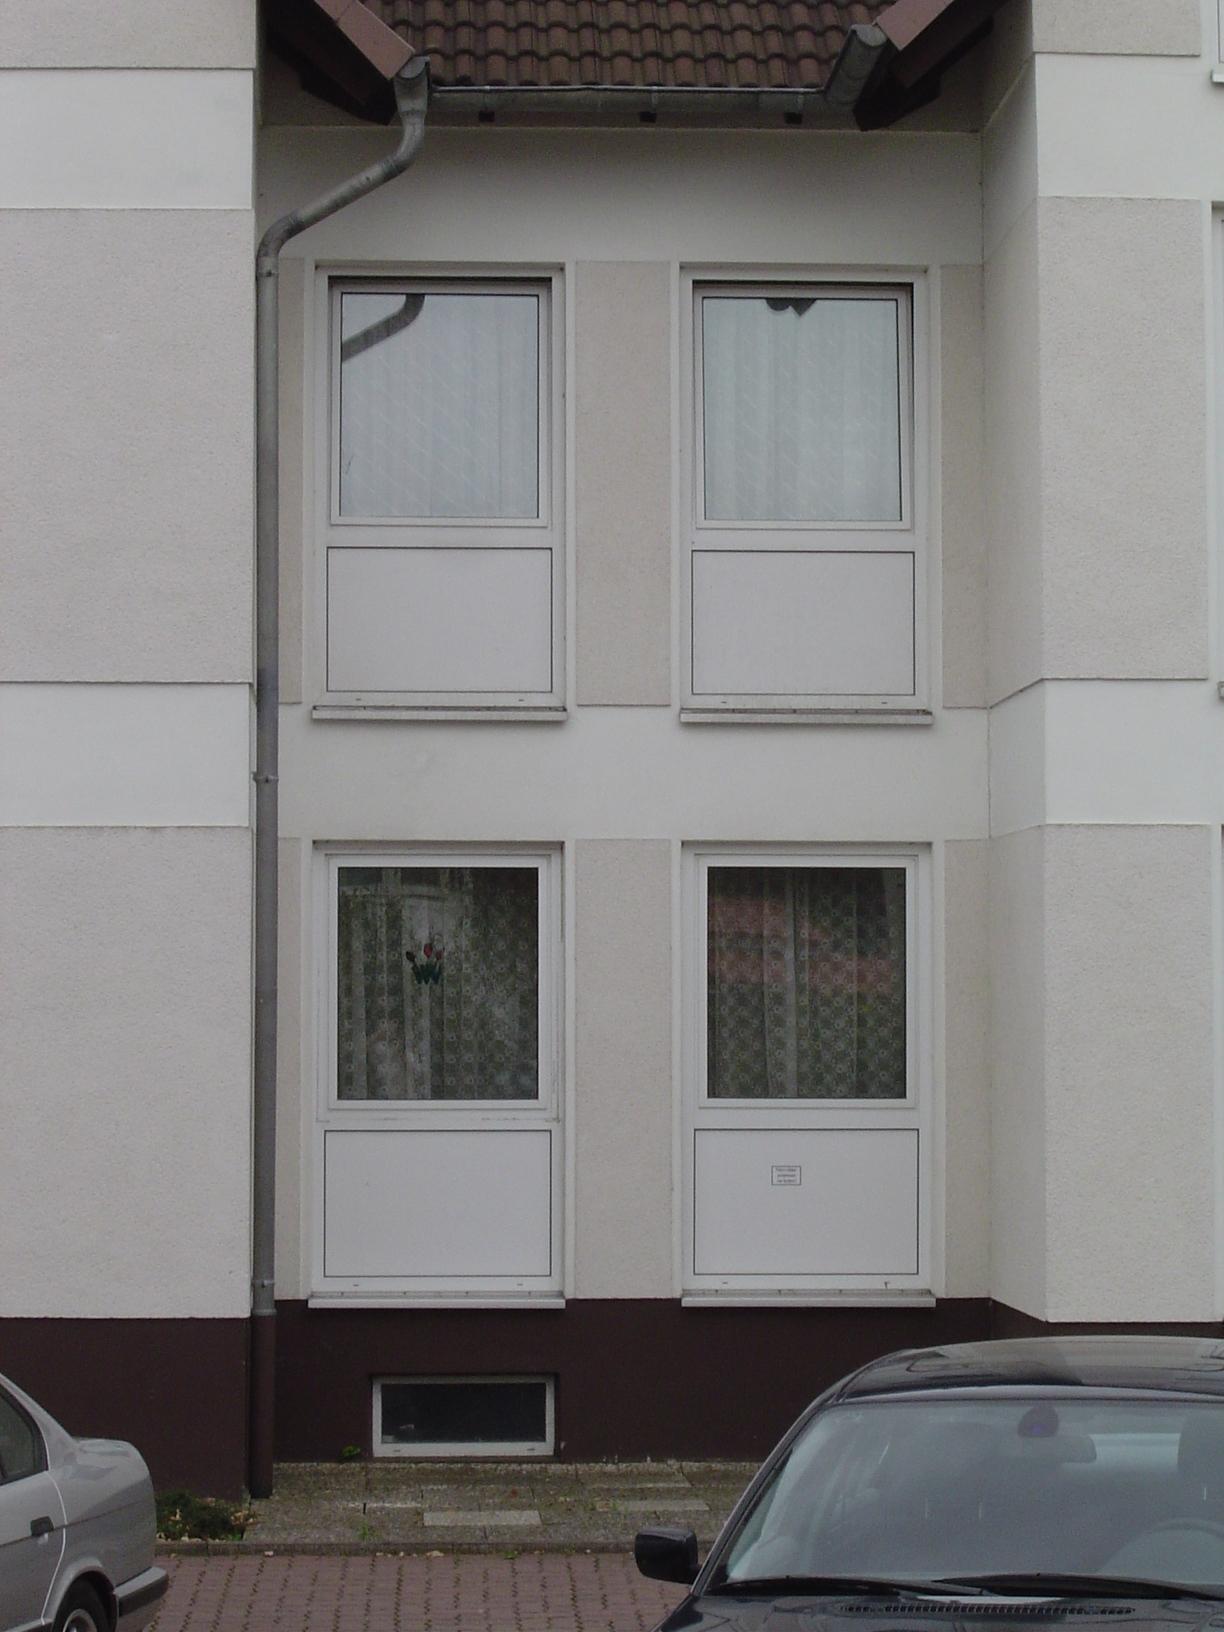 rigoletto facade windows wall house